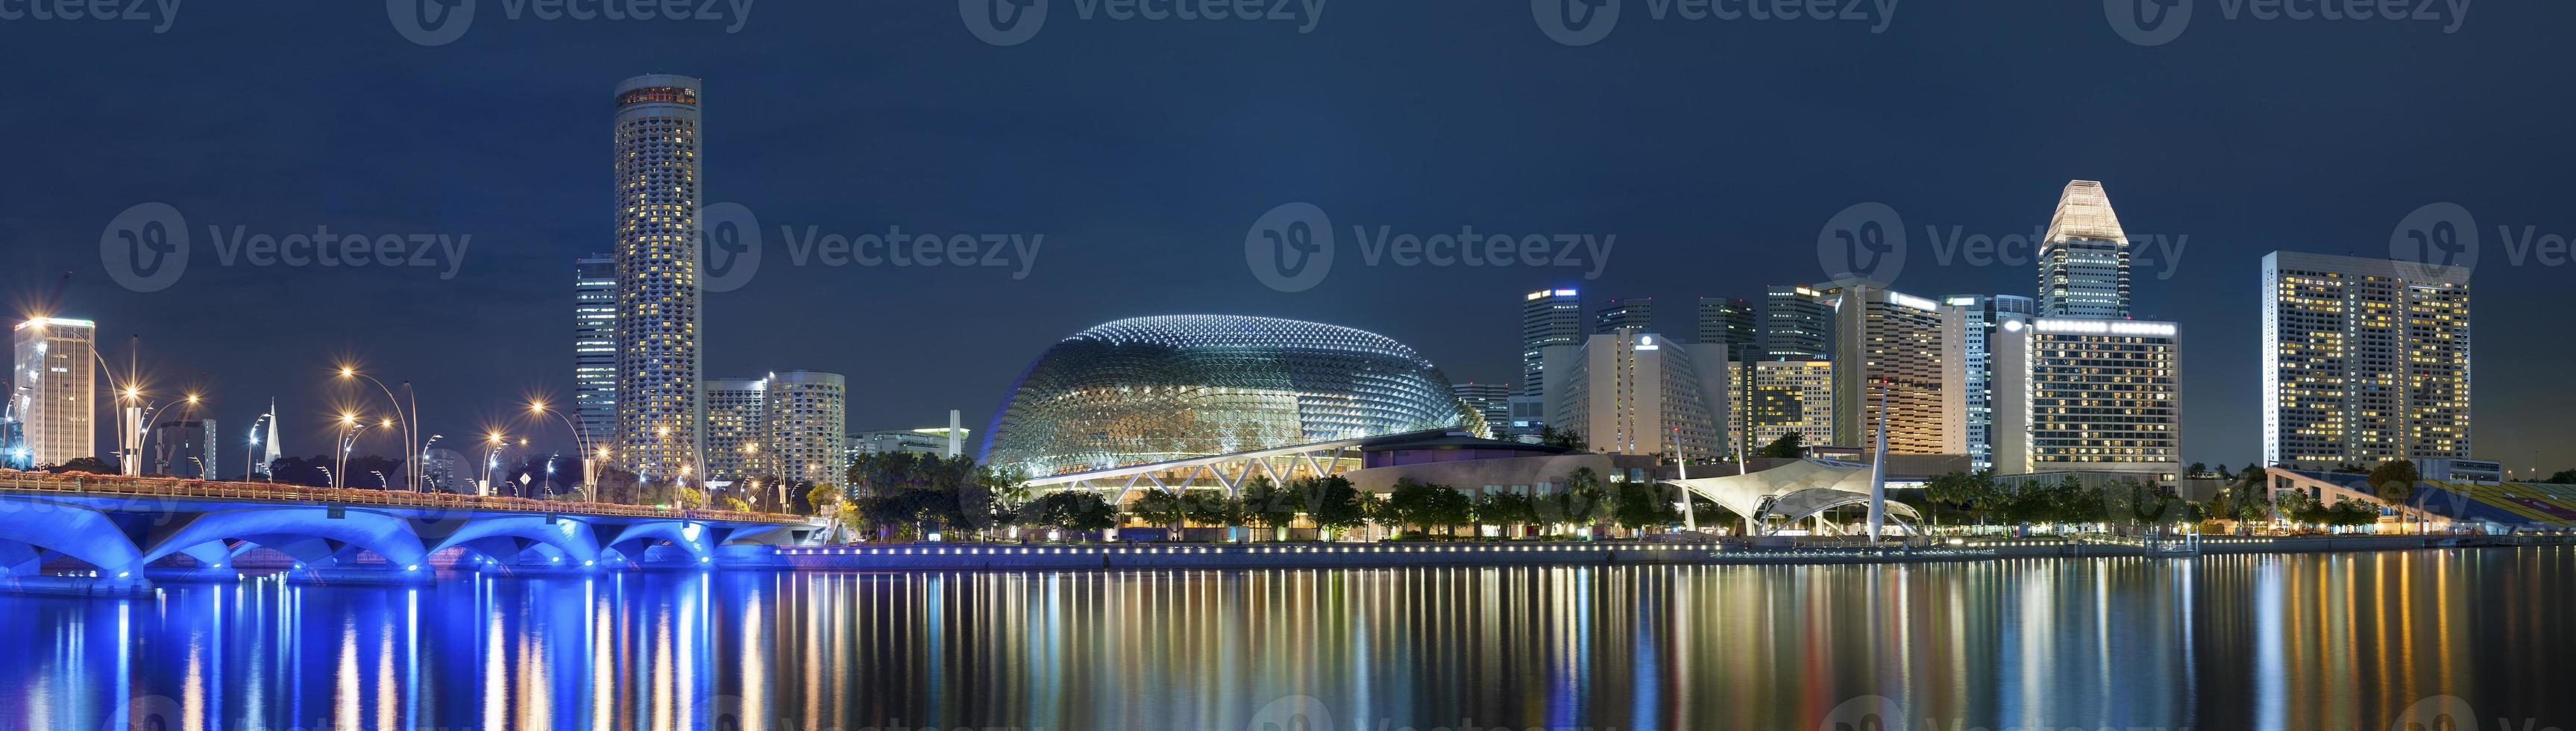 Singapur Stadtbild foto